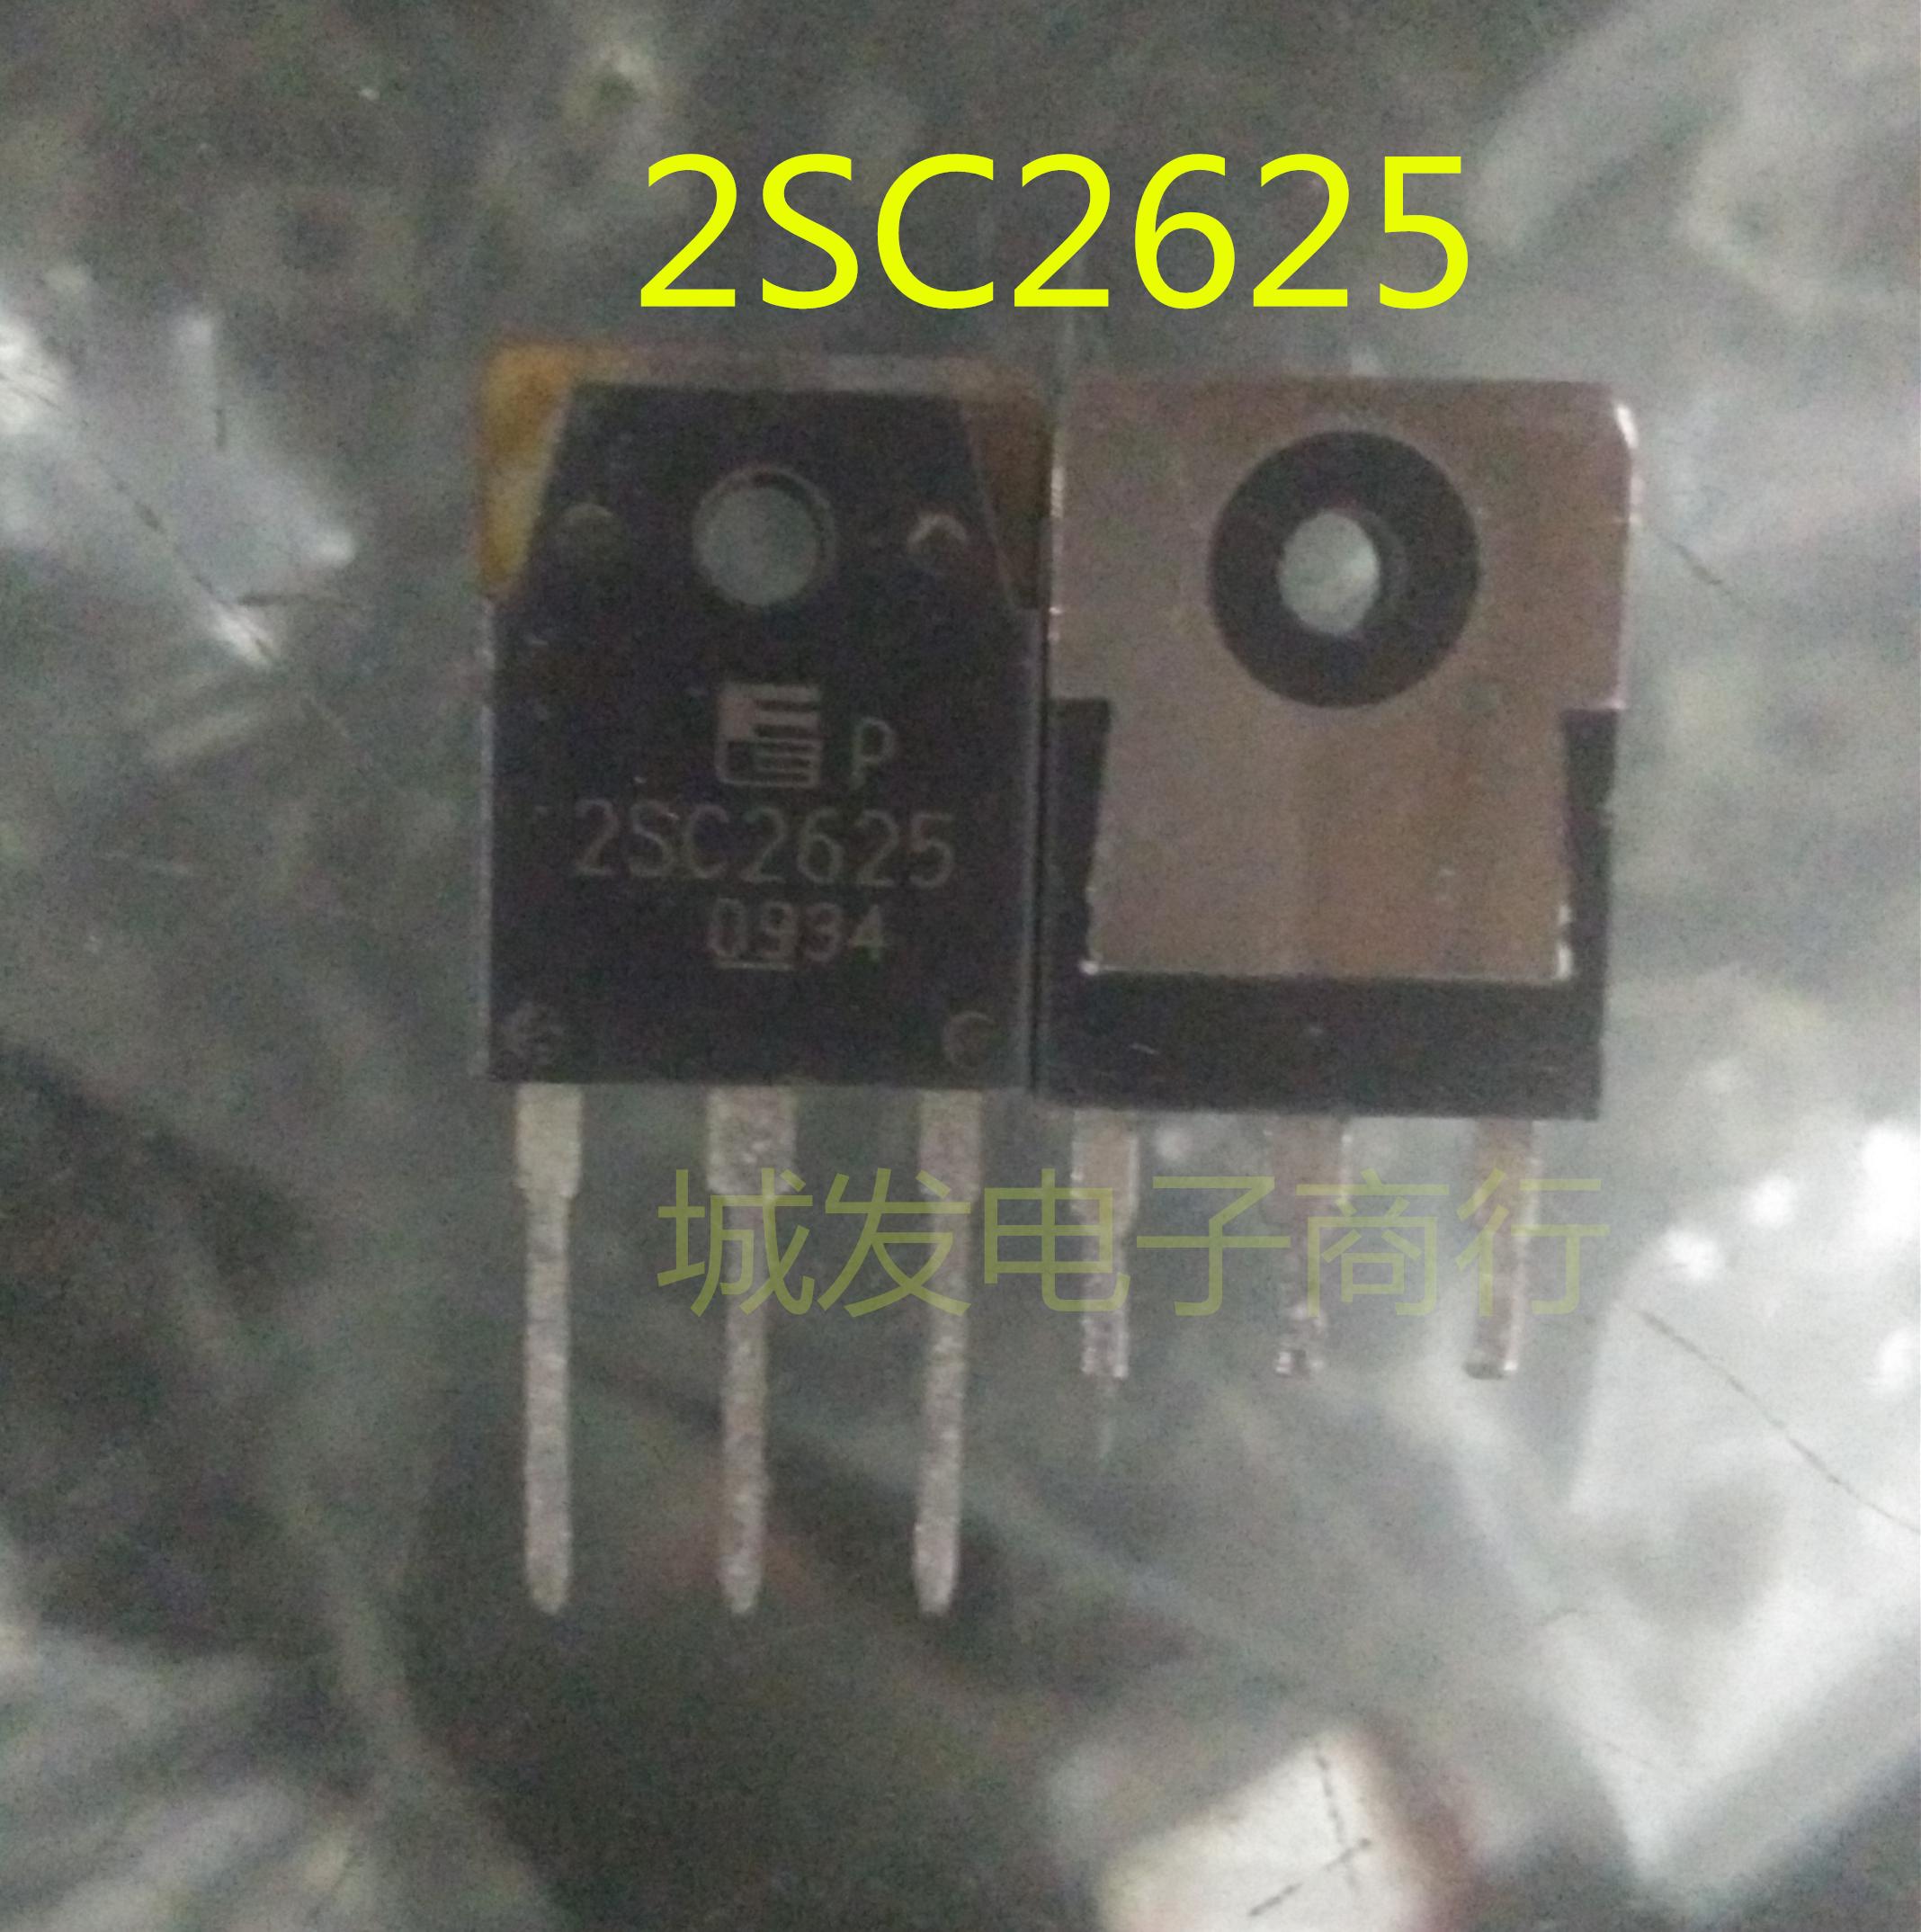 2SC2625C262510A450V výměnu elektrické vodiče energie fujitsu původní spot test -